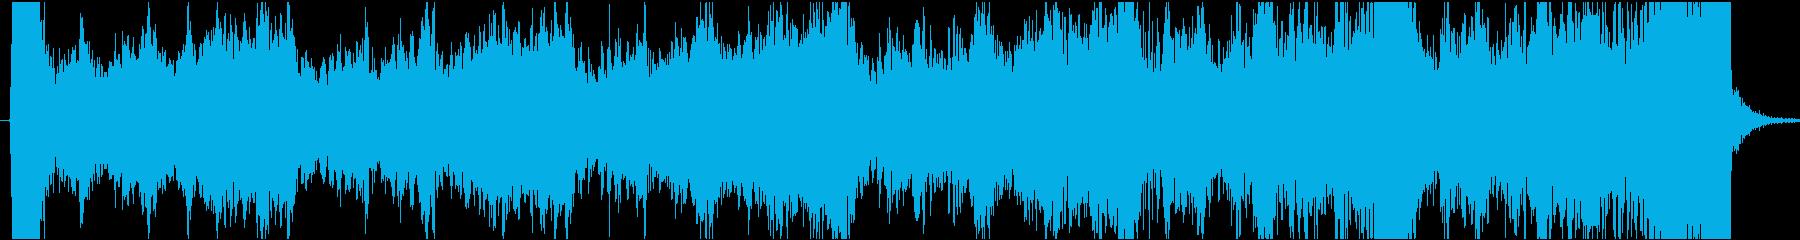 現代的 交響曲 アンビエント 実験...の再生済みの波形